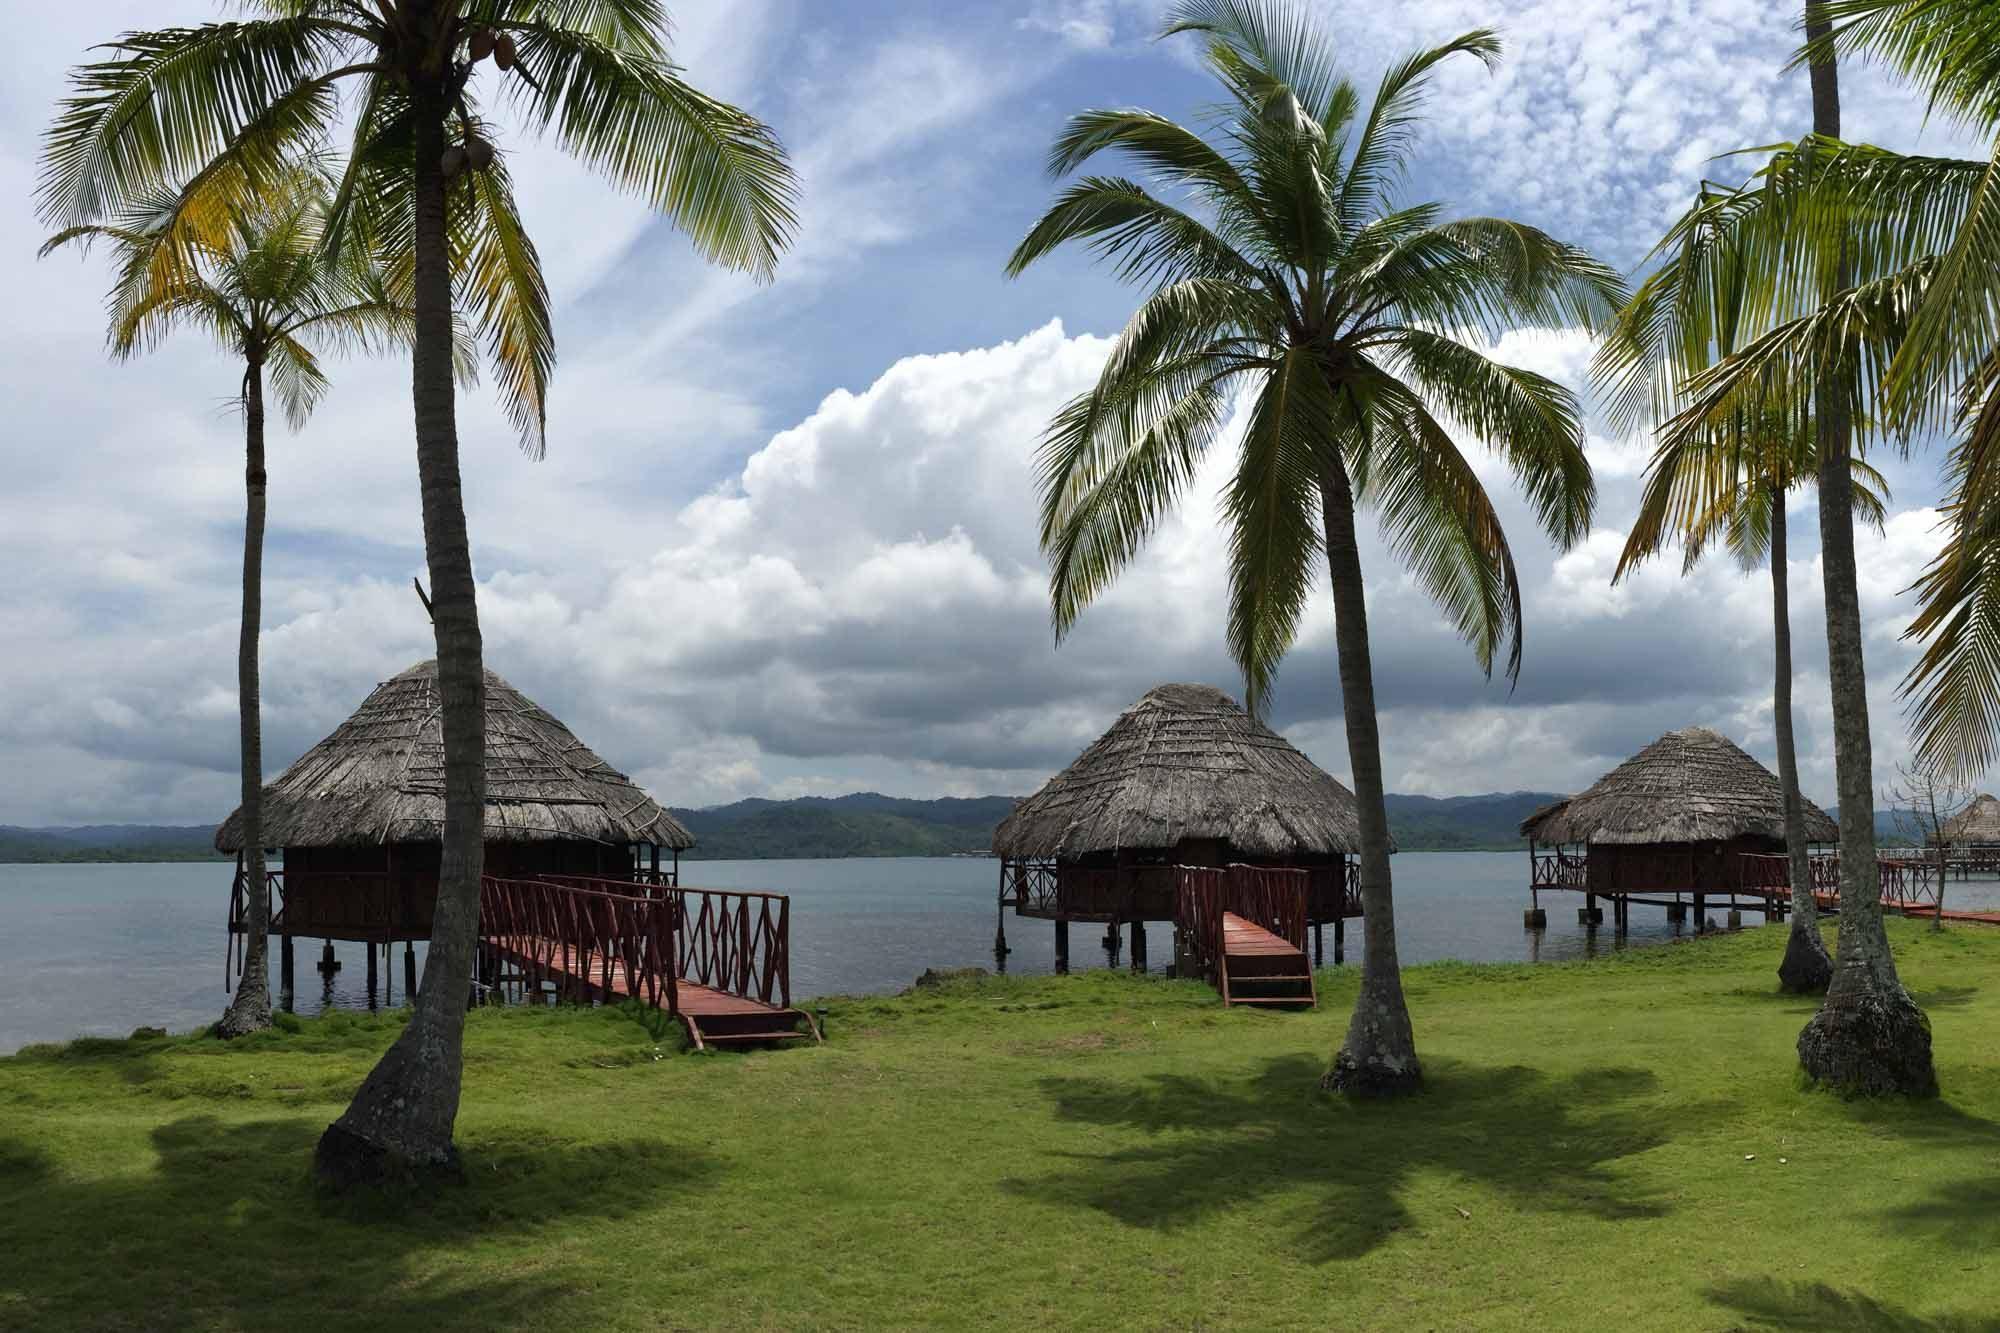 Las cabañas sobre el mar en Yandup, archipiélago de Guna Yala o San Blas, Panamá